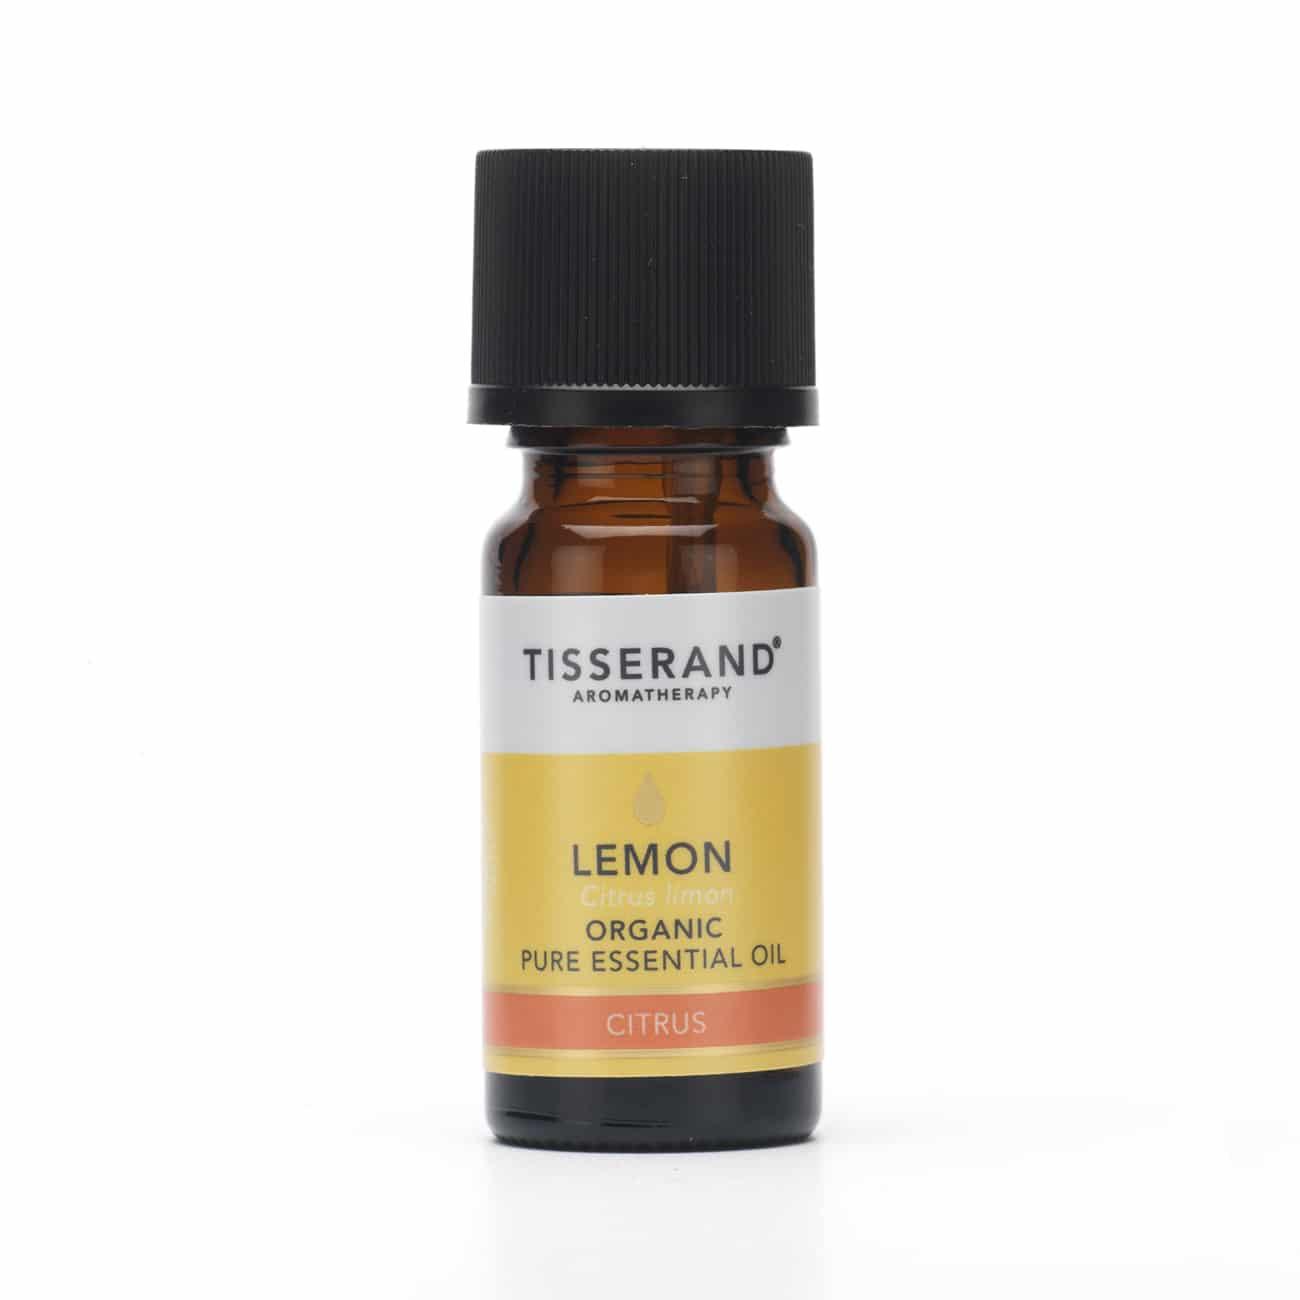 Tisserand Aromatherapy Lemon Essential Oil